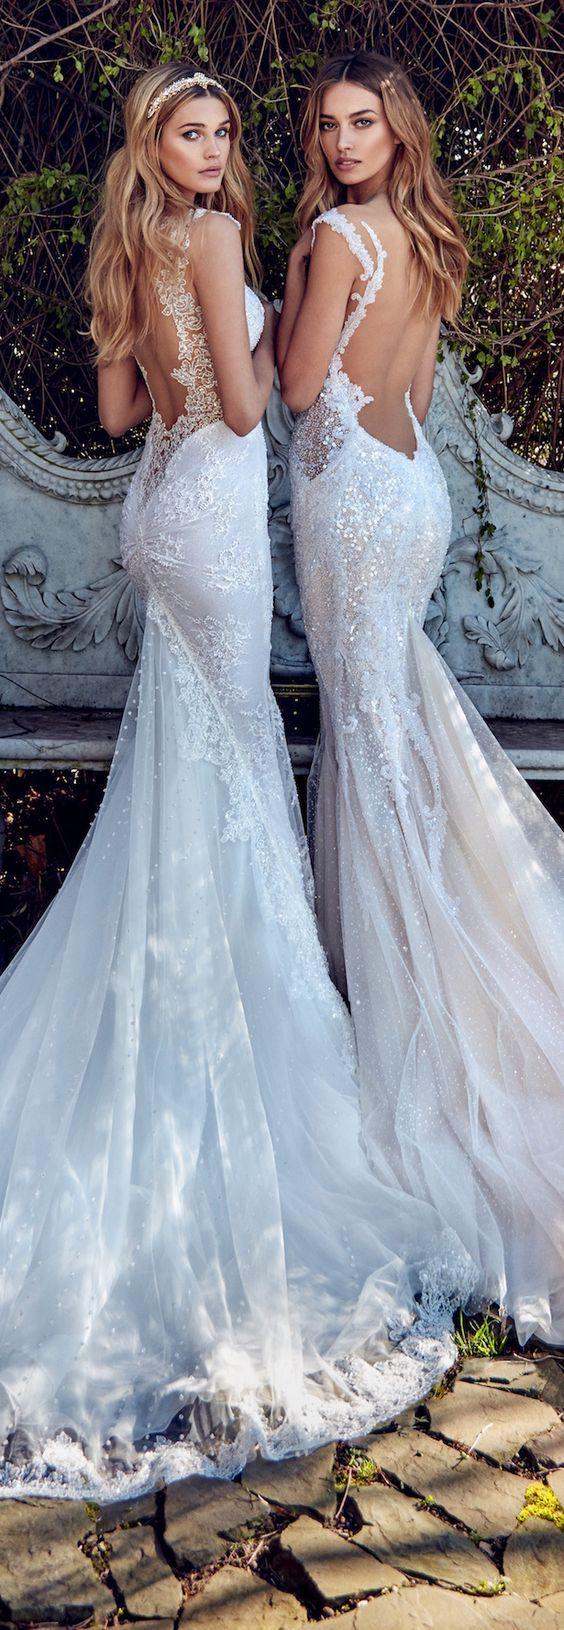 Best wedding dresses for full bust   best wedding dresses images on Pinterest  Short wedding gowns